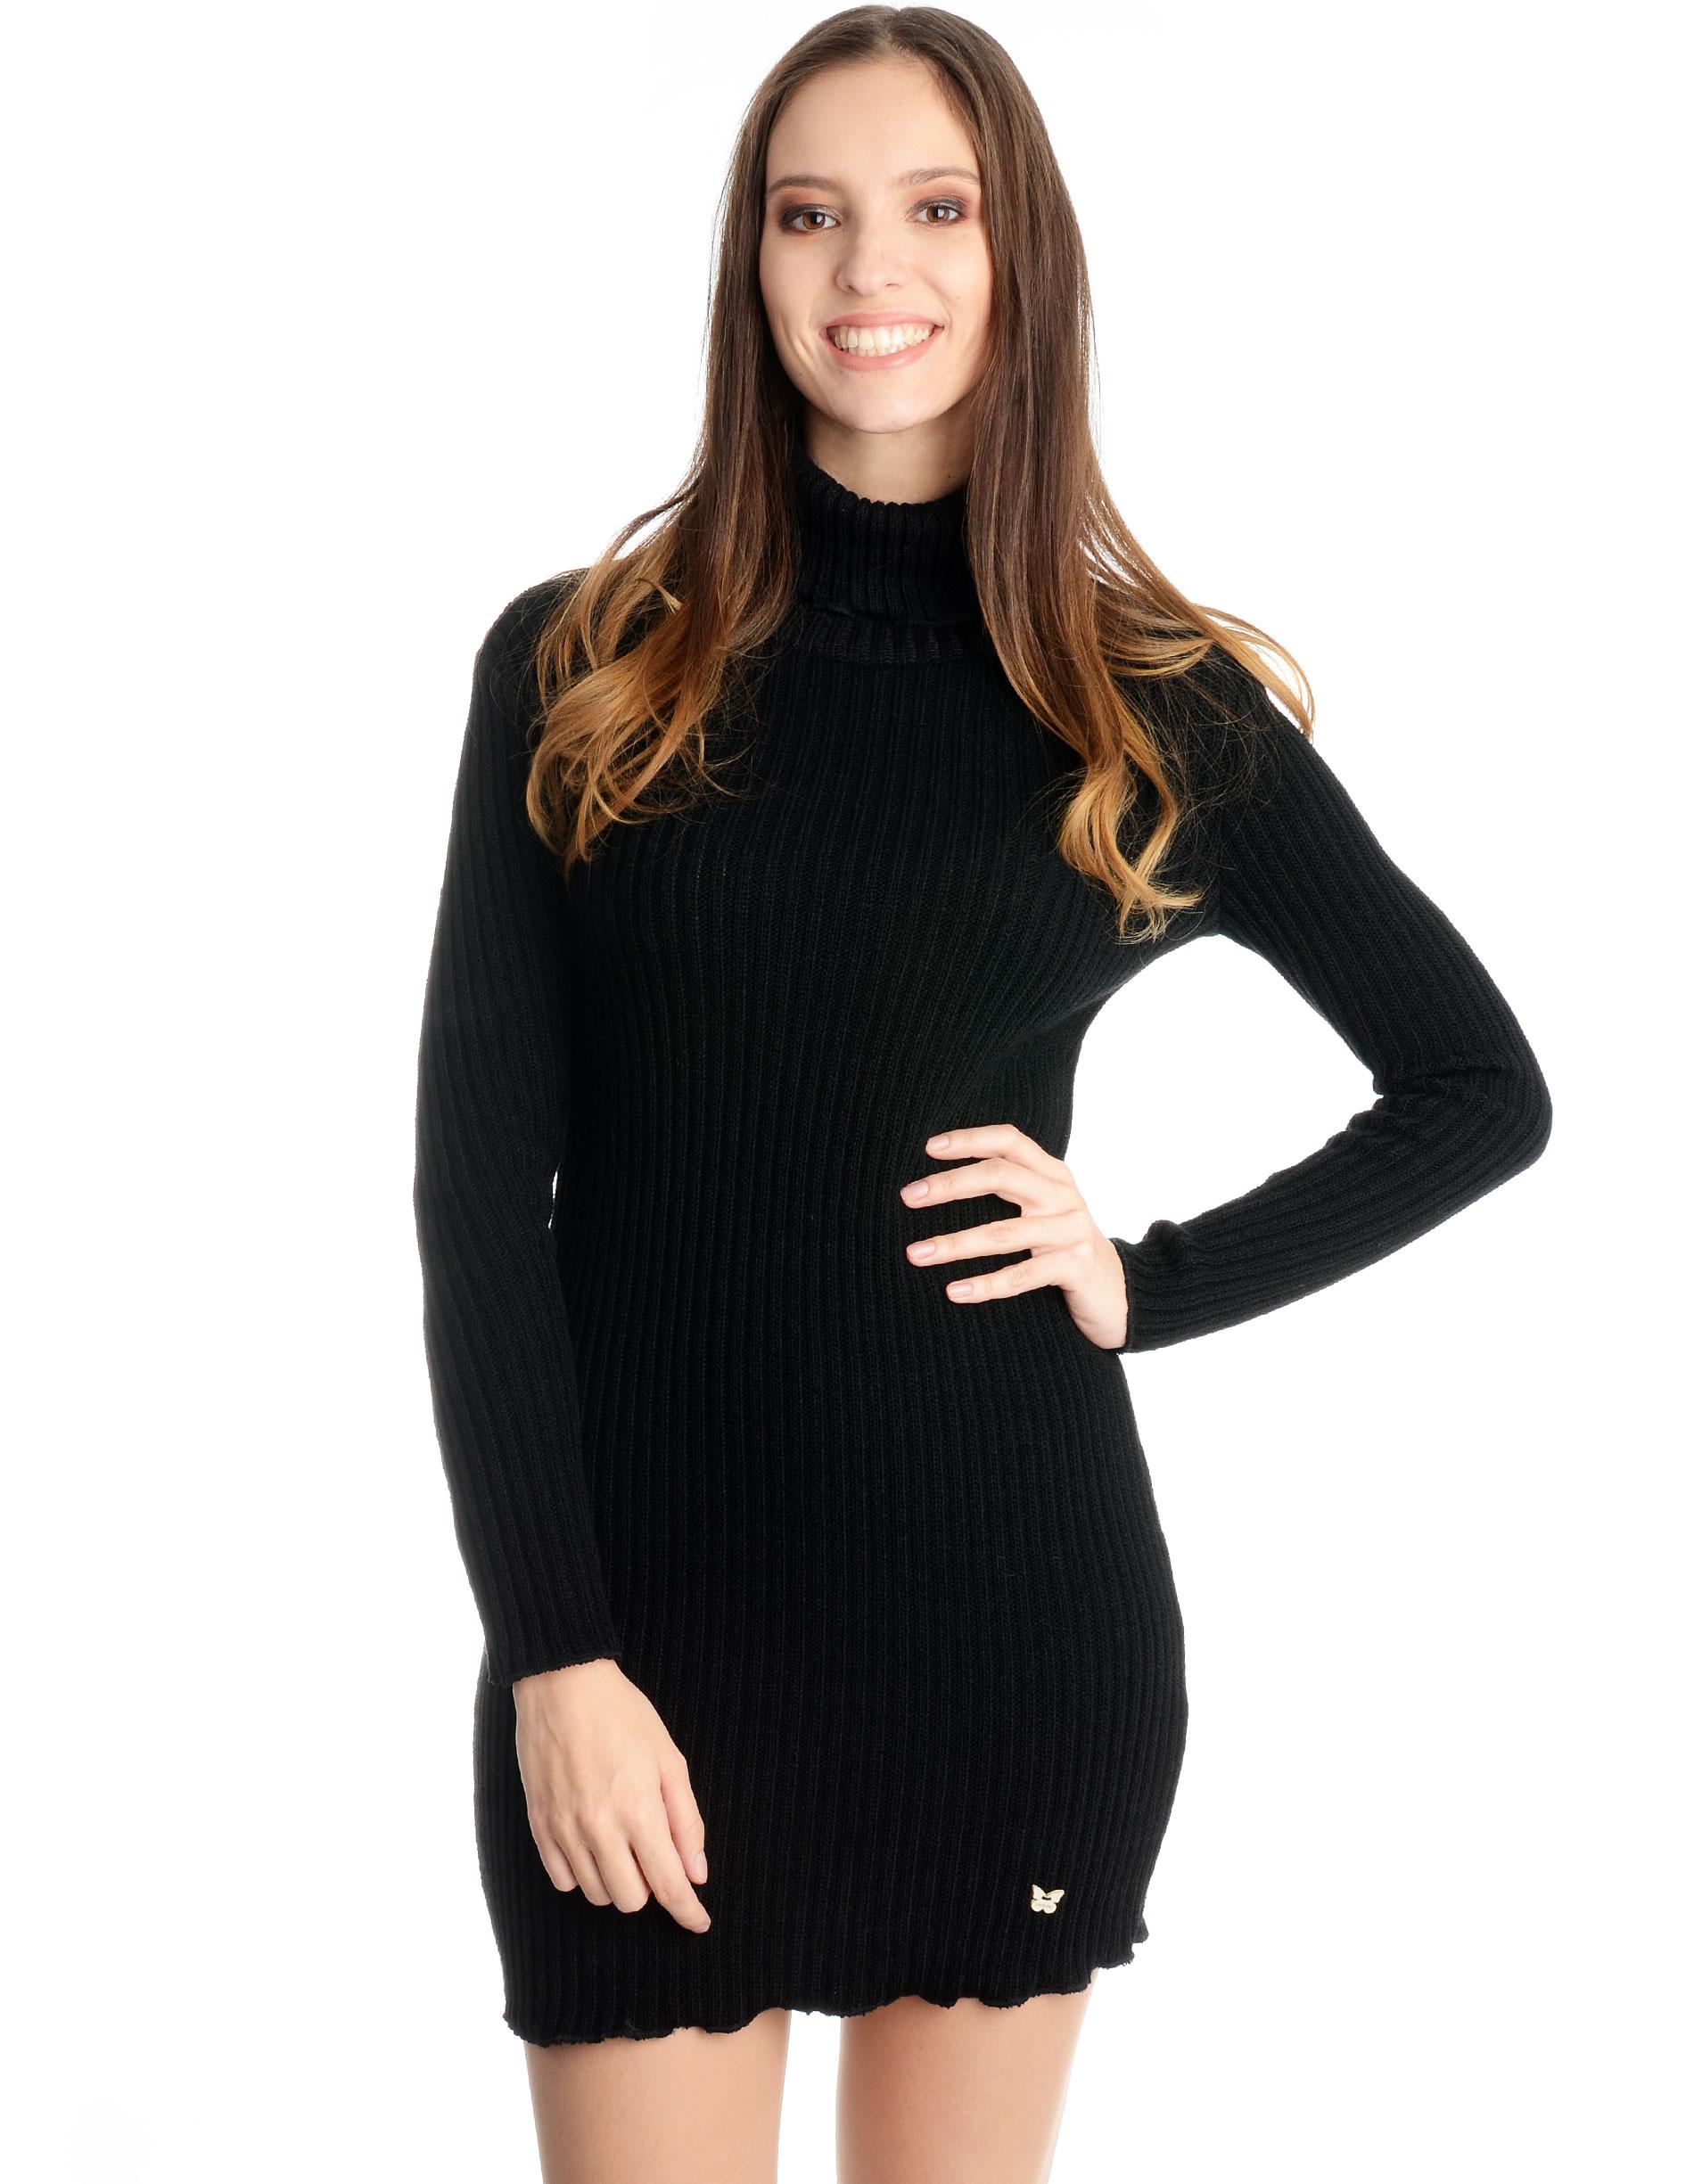 Sukienka - 16-16065 NERO - Unisono